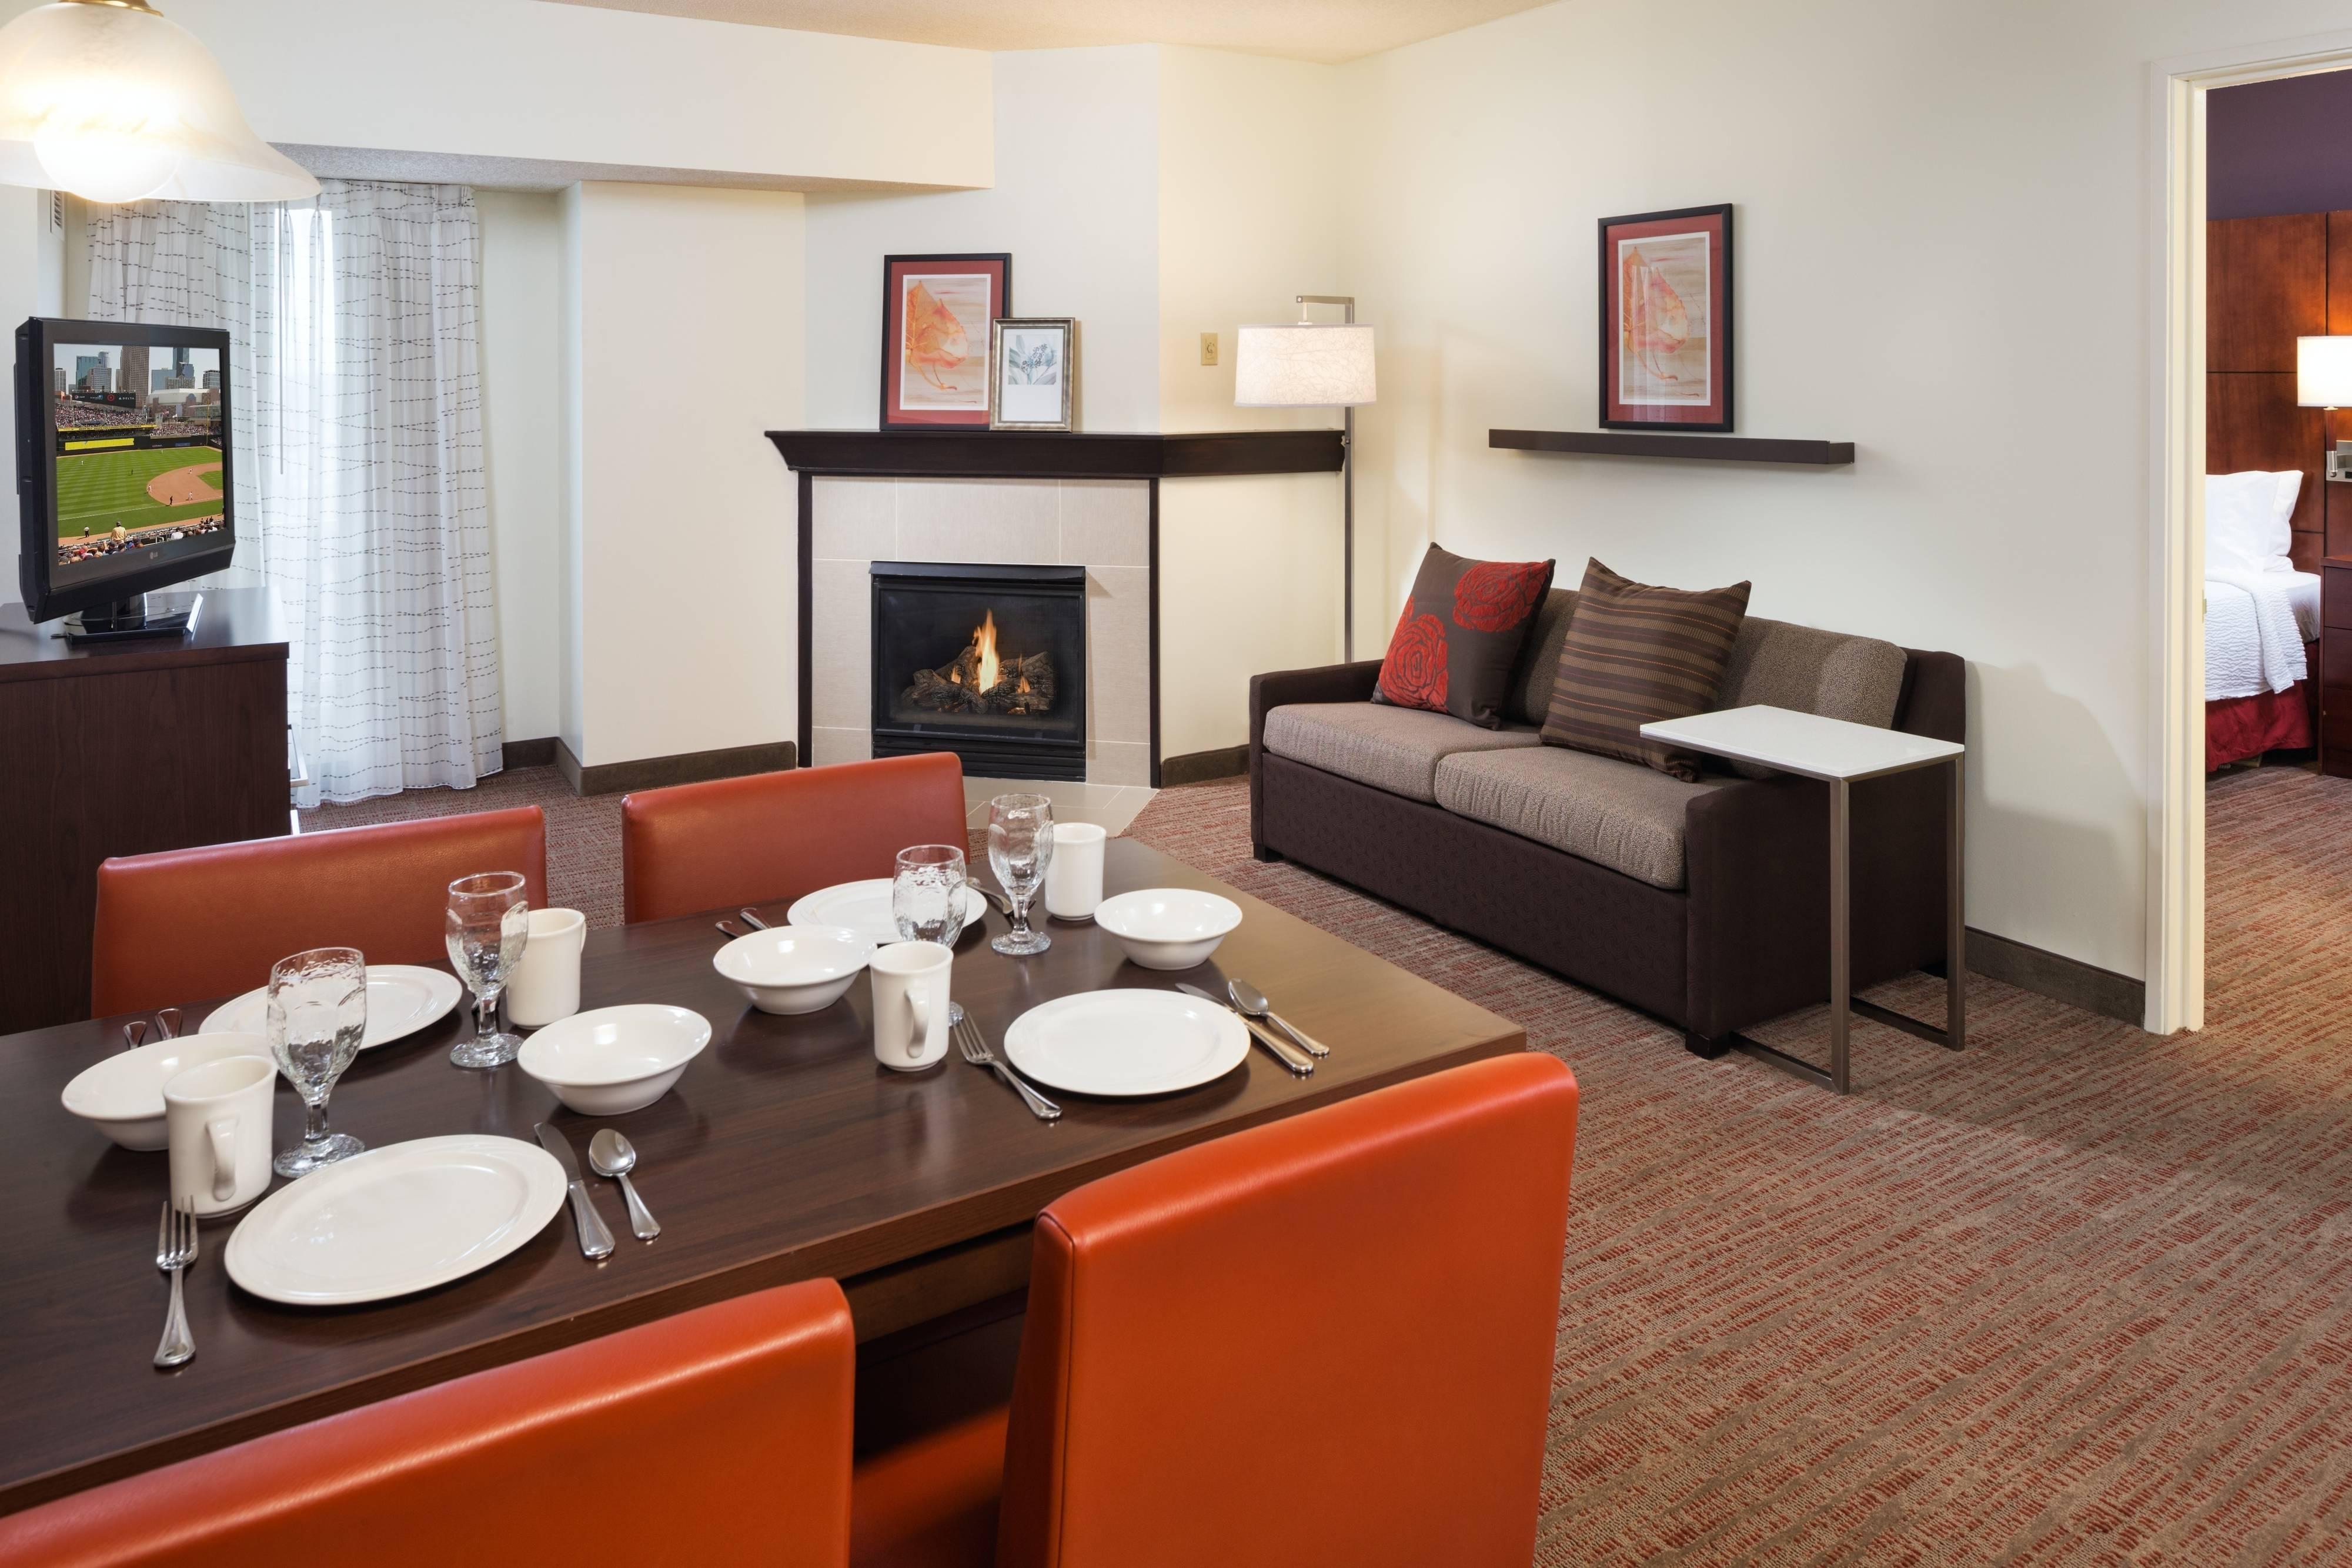 Suite de dos dormitorios con sala de estar con chimenea